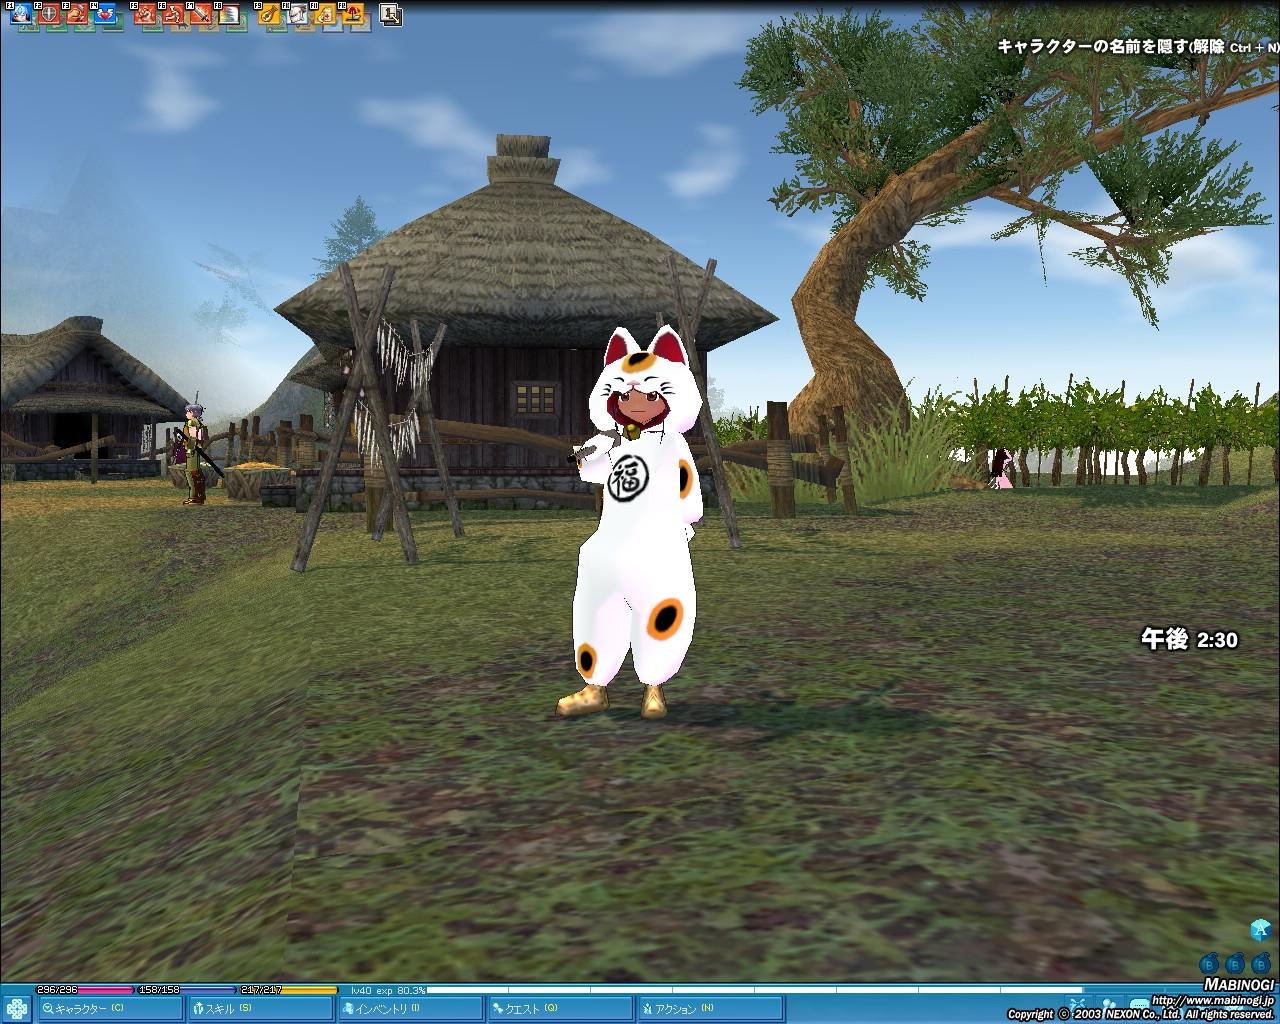 昔の日本を感じさせる猫島。キャラクターが着ているはクエストクリアの報酬である猫ローブだ